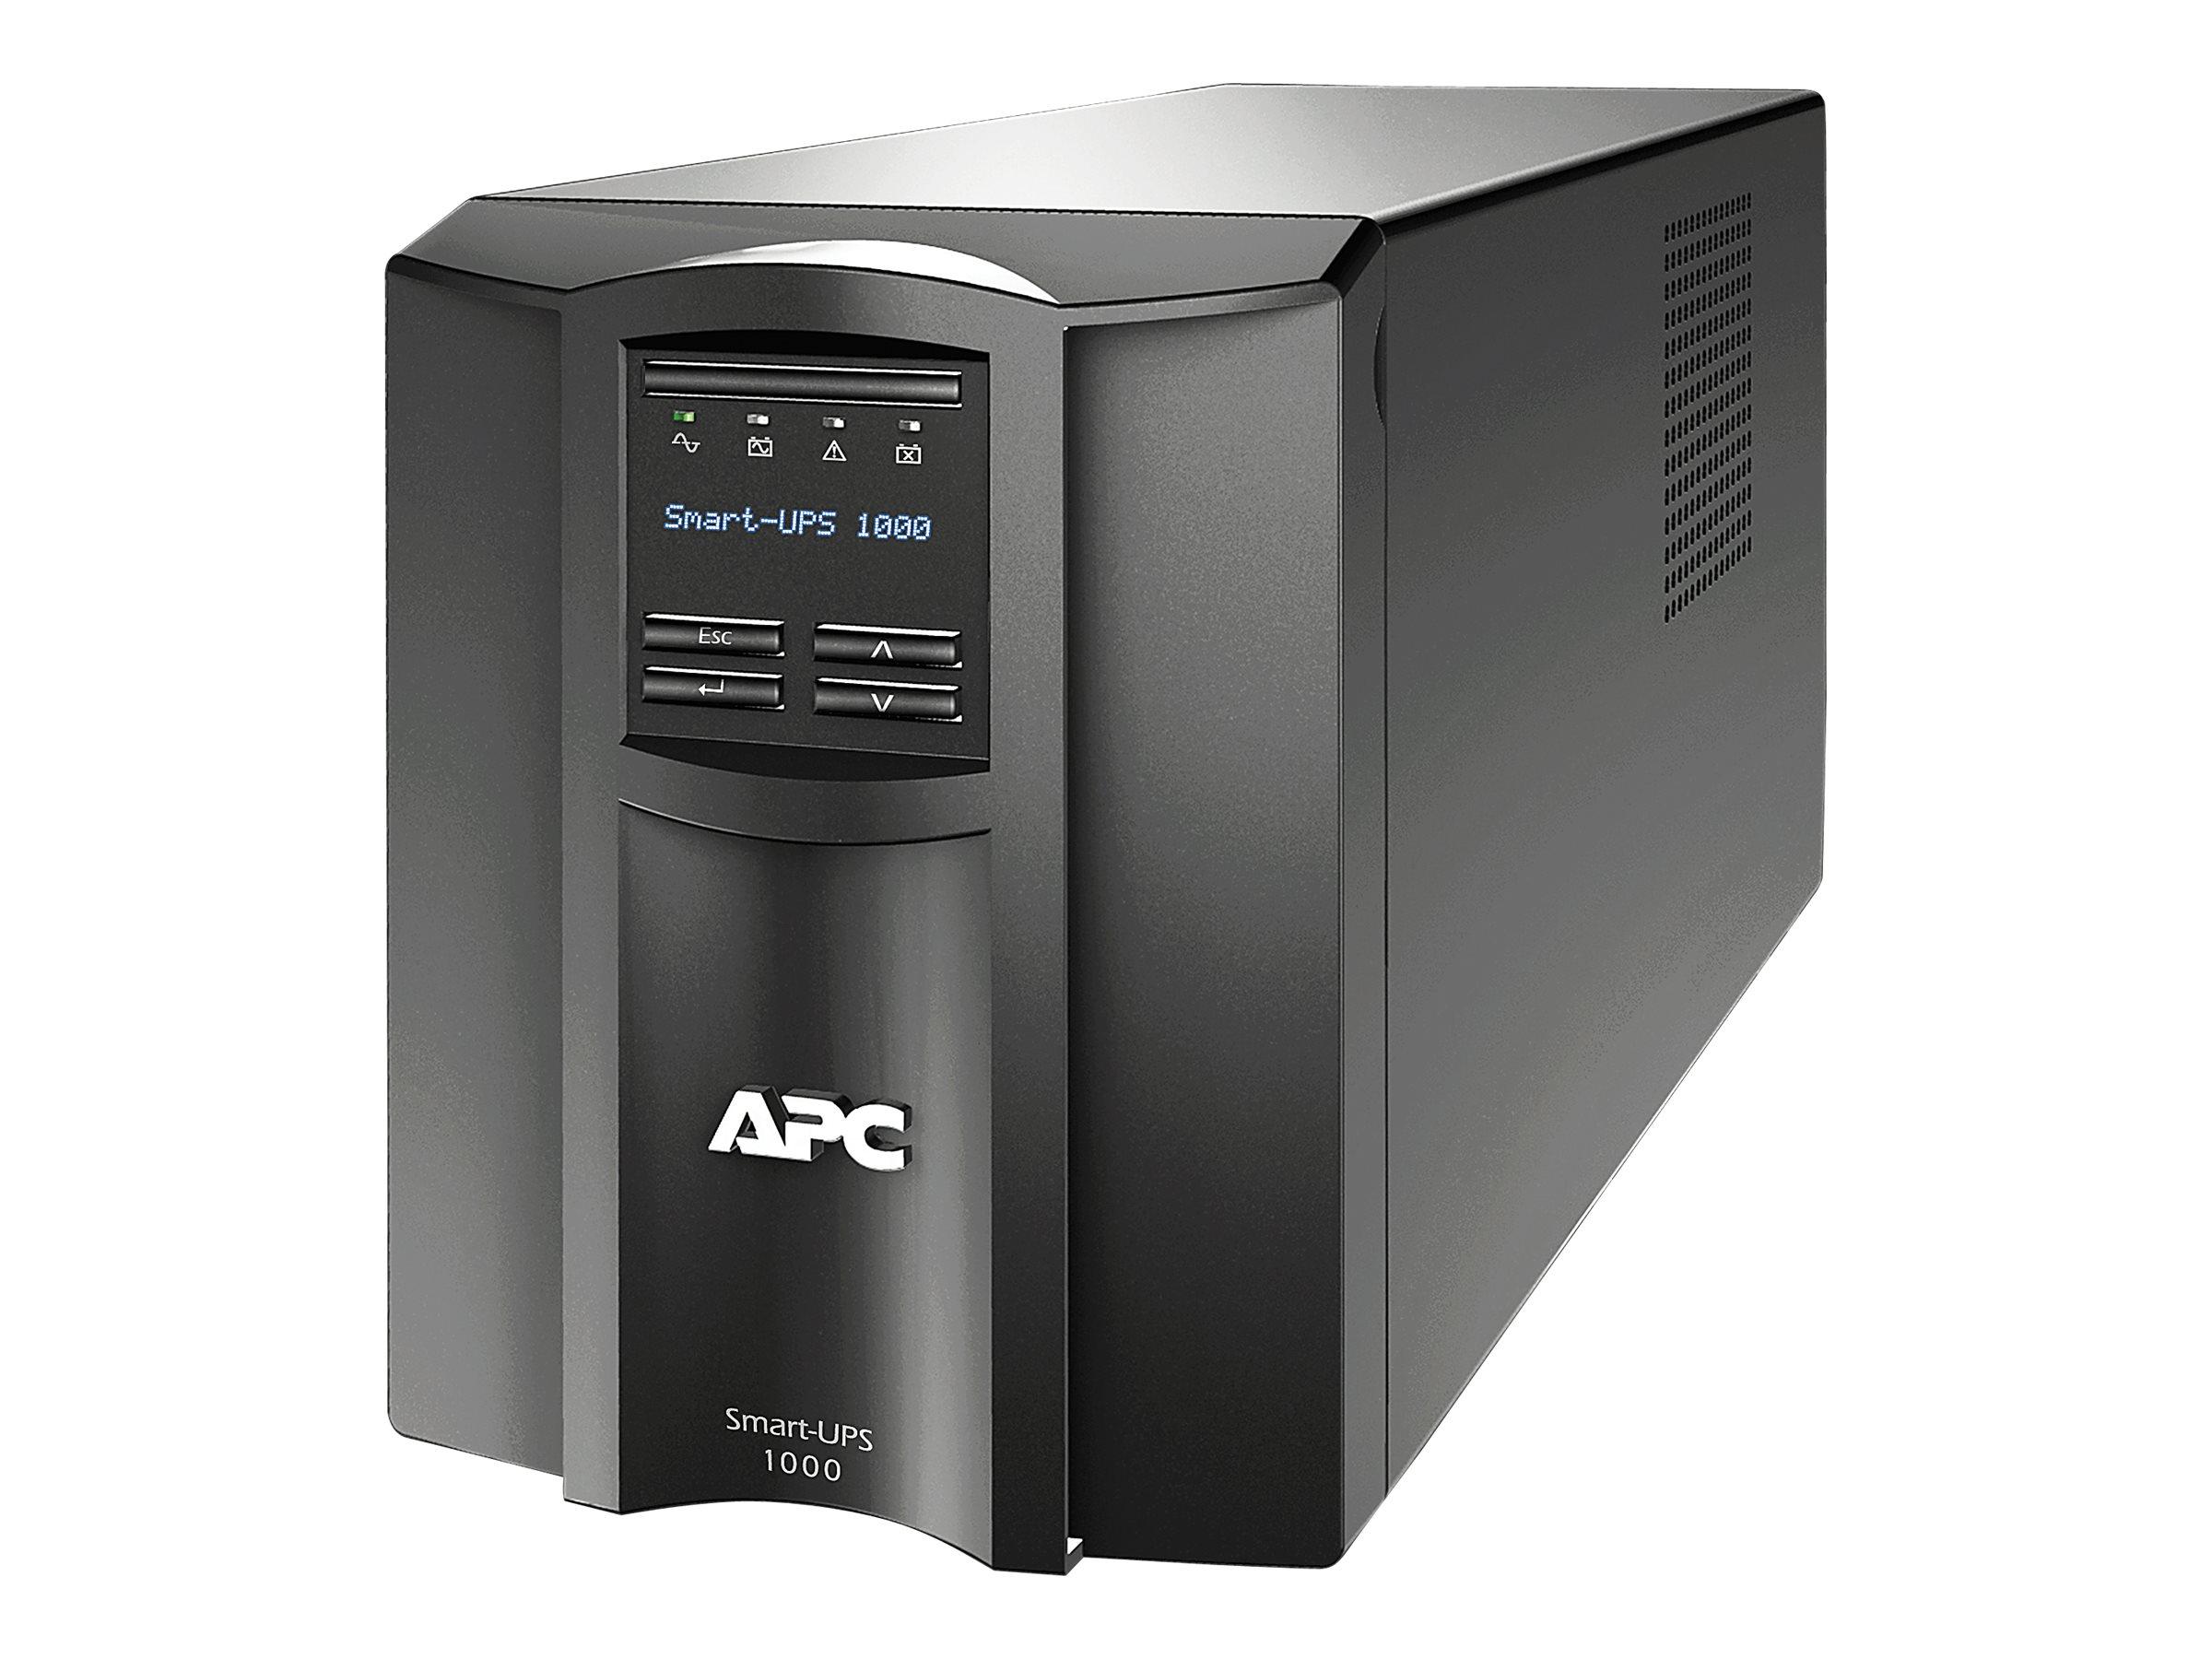 APC Smart-UPS 1000VA LCD - UPS - 700 Watt - 1000 VA - with APC SmartConnect